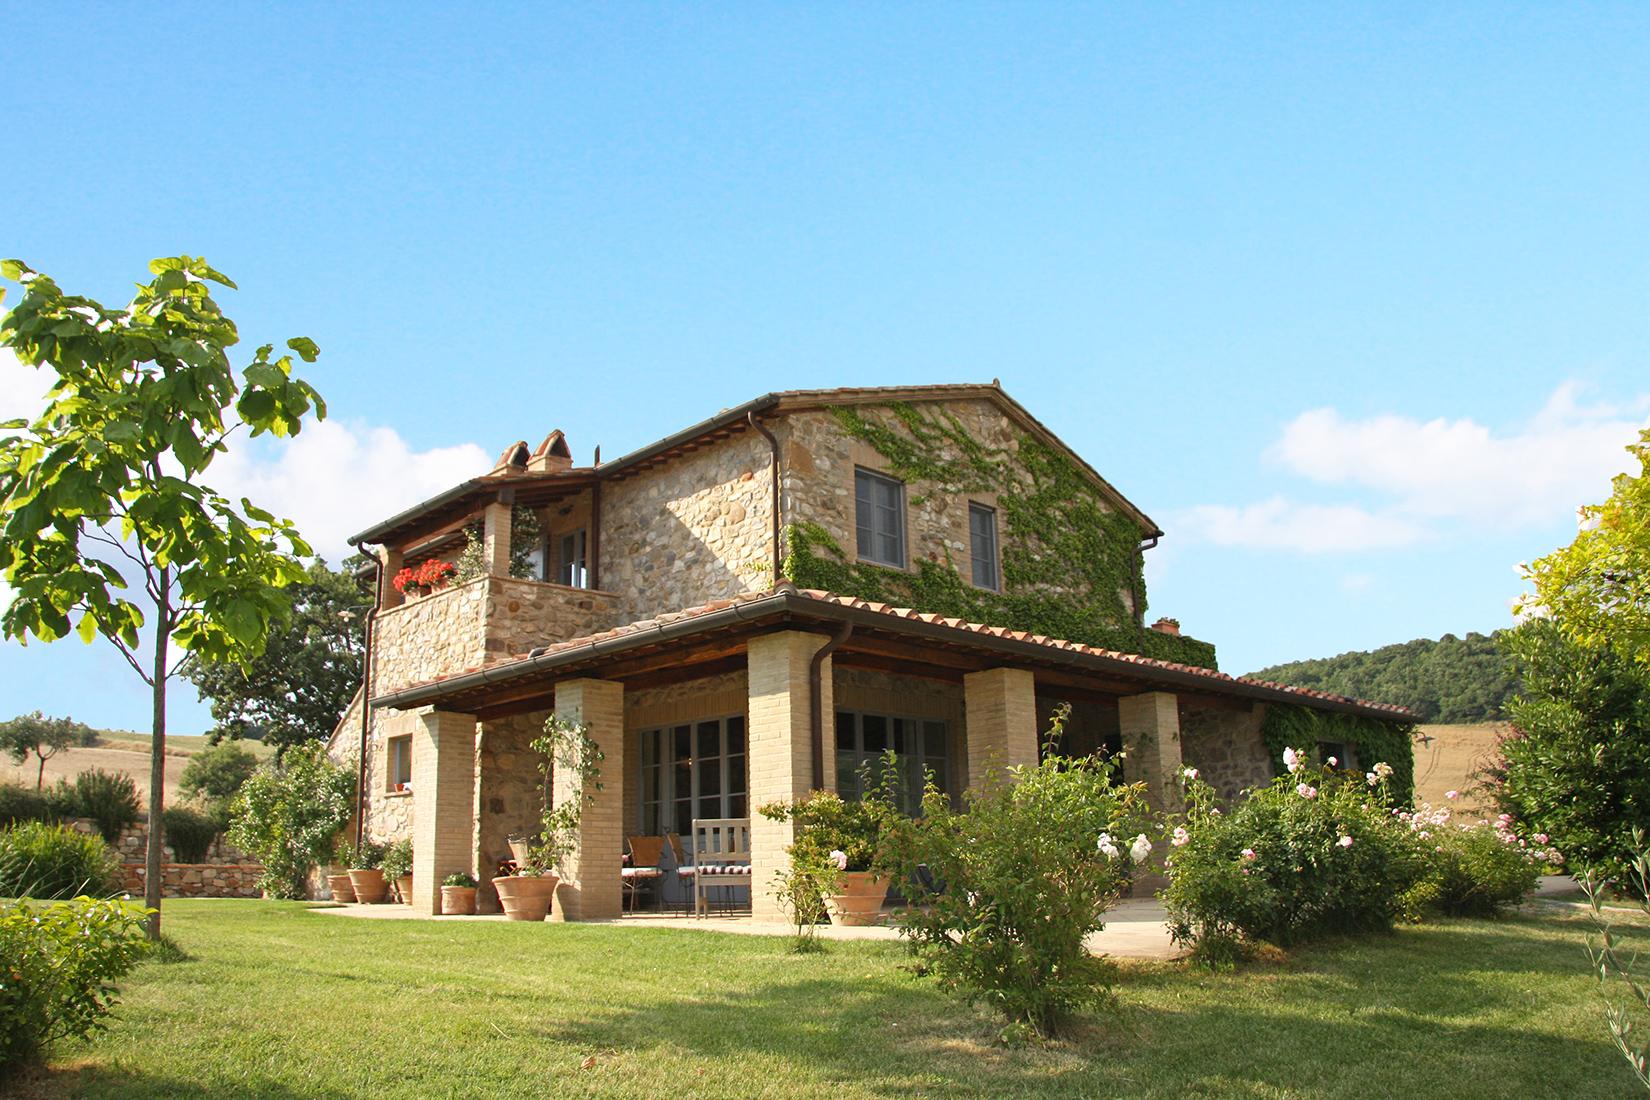 vendesi-rustico-casale-in-toscana-siena-san-casciano-dei-bagni-15278575048319